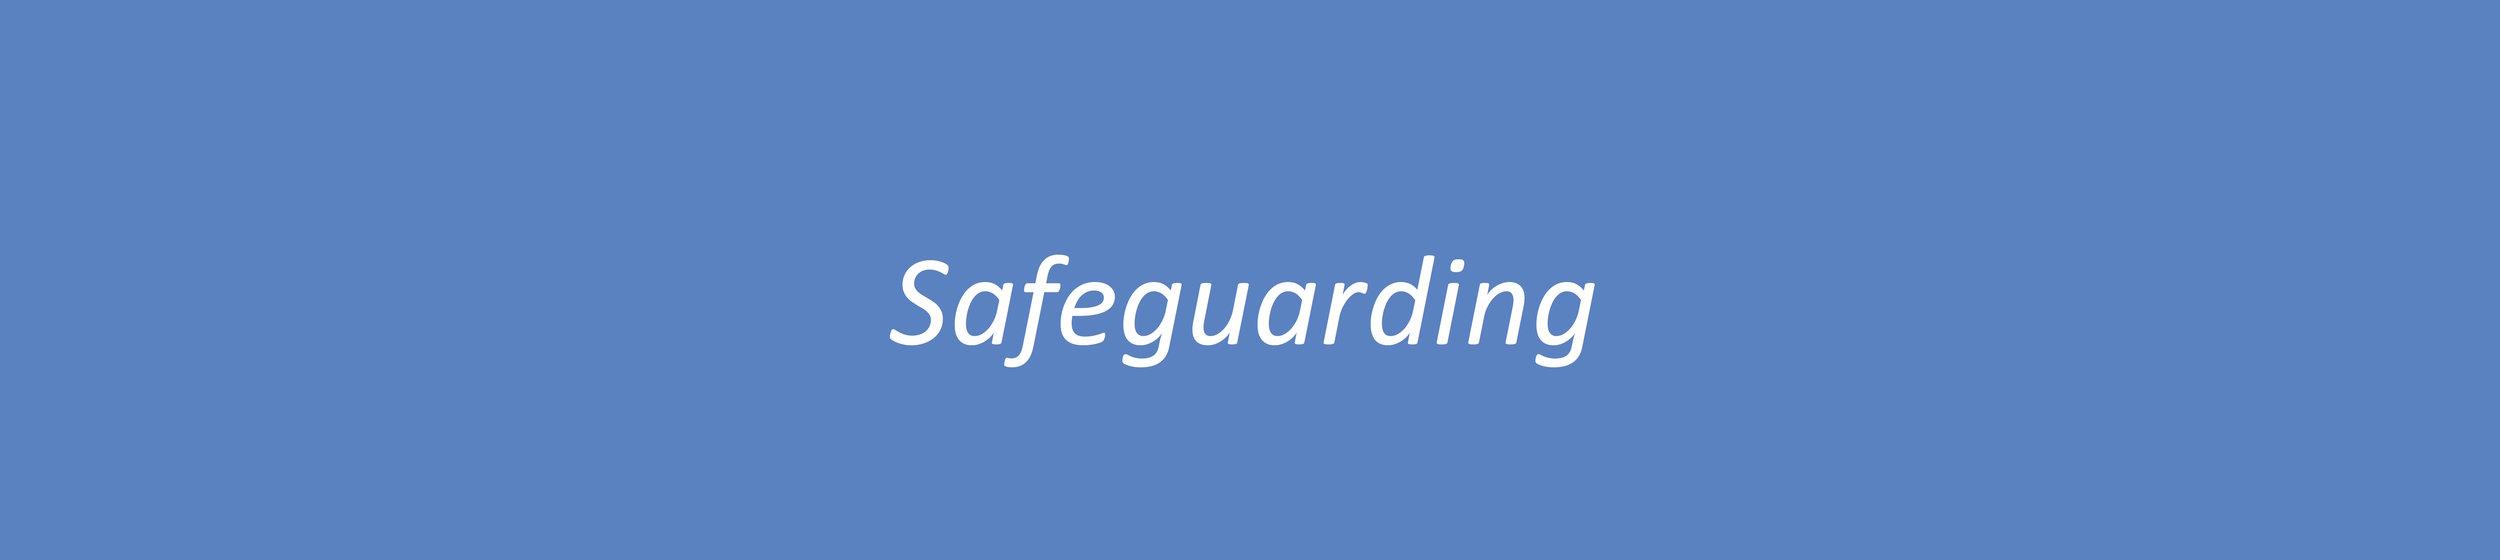 Home helper care safeguarding